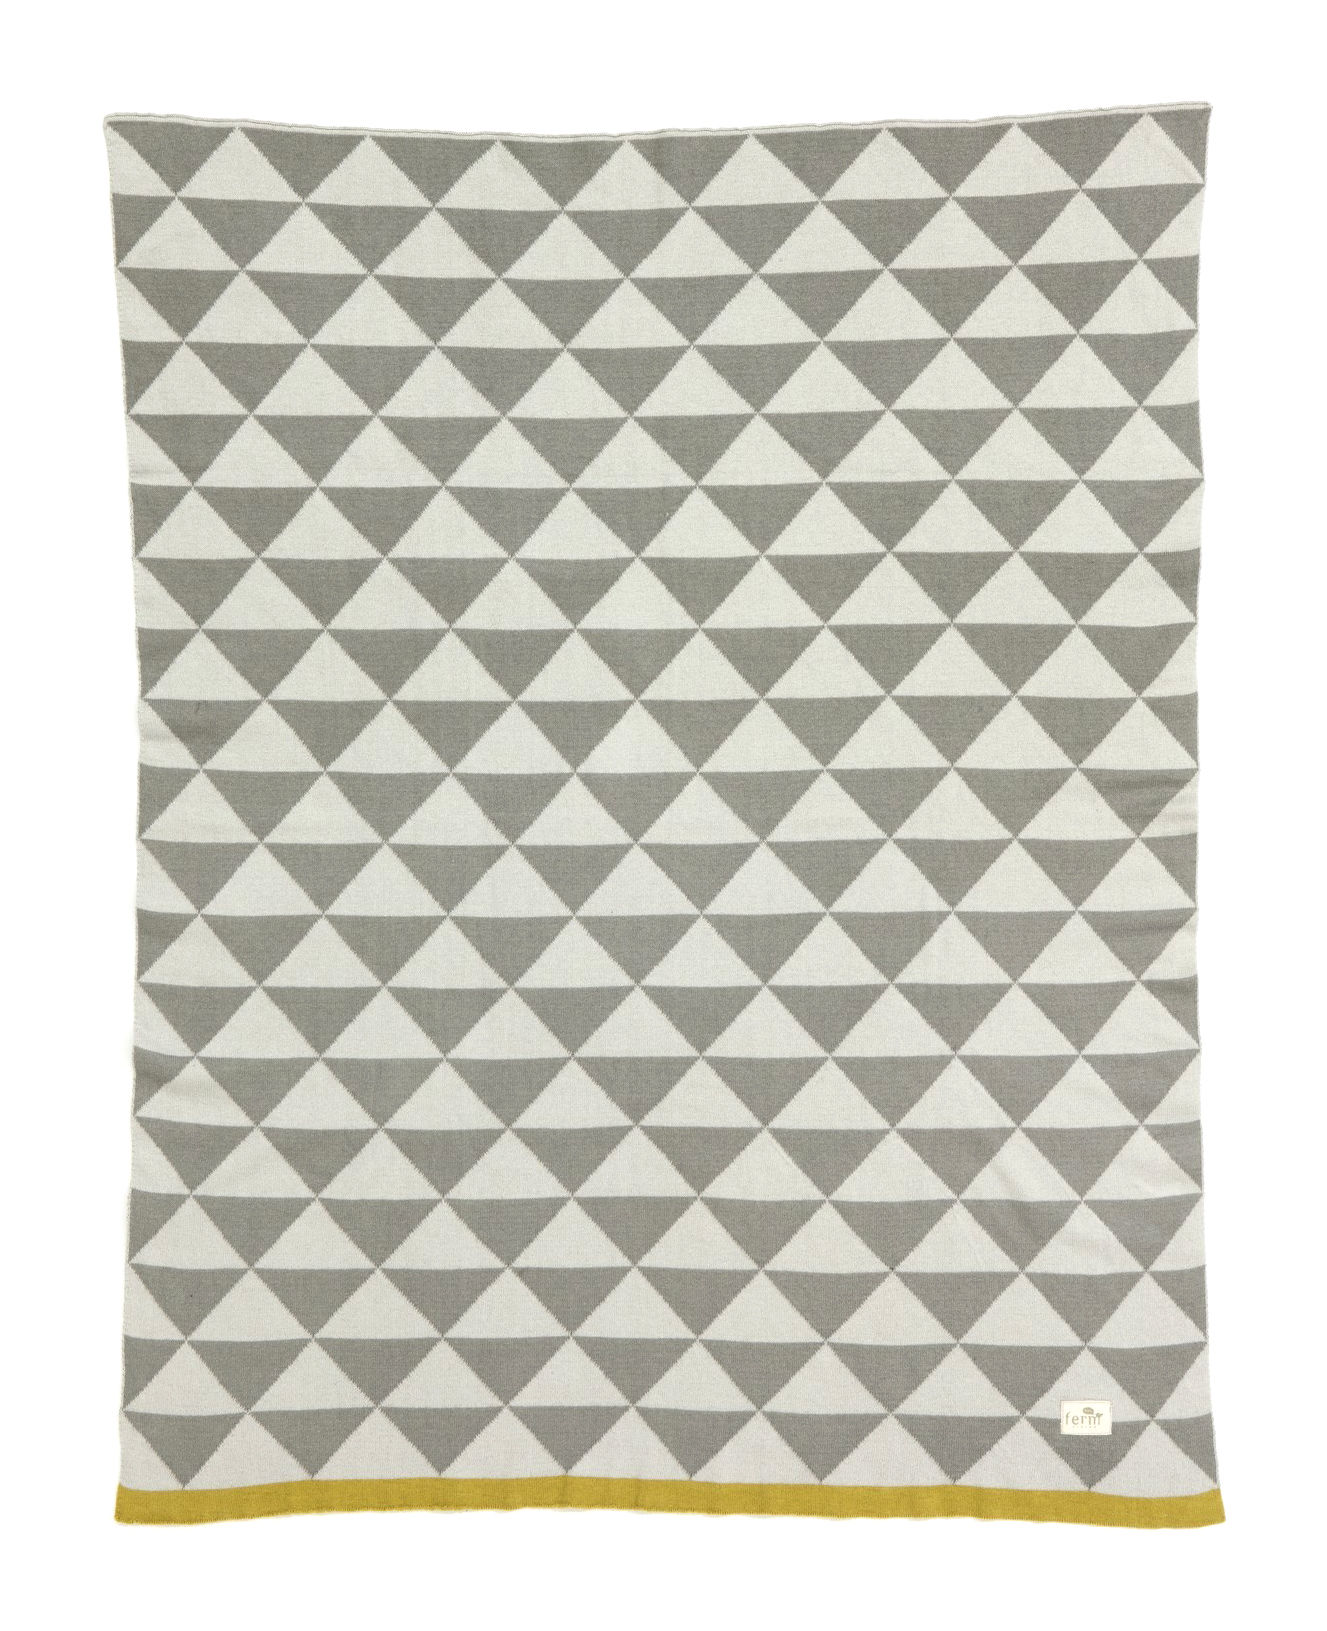 couvre lit little remix pour enfant 100 x 80 cm gris jaune ferm living. Black Bedroom Furniture Sets. Home Design Ideas